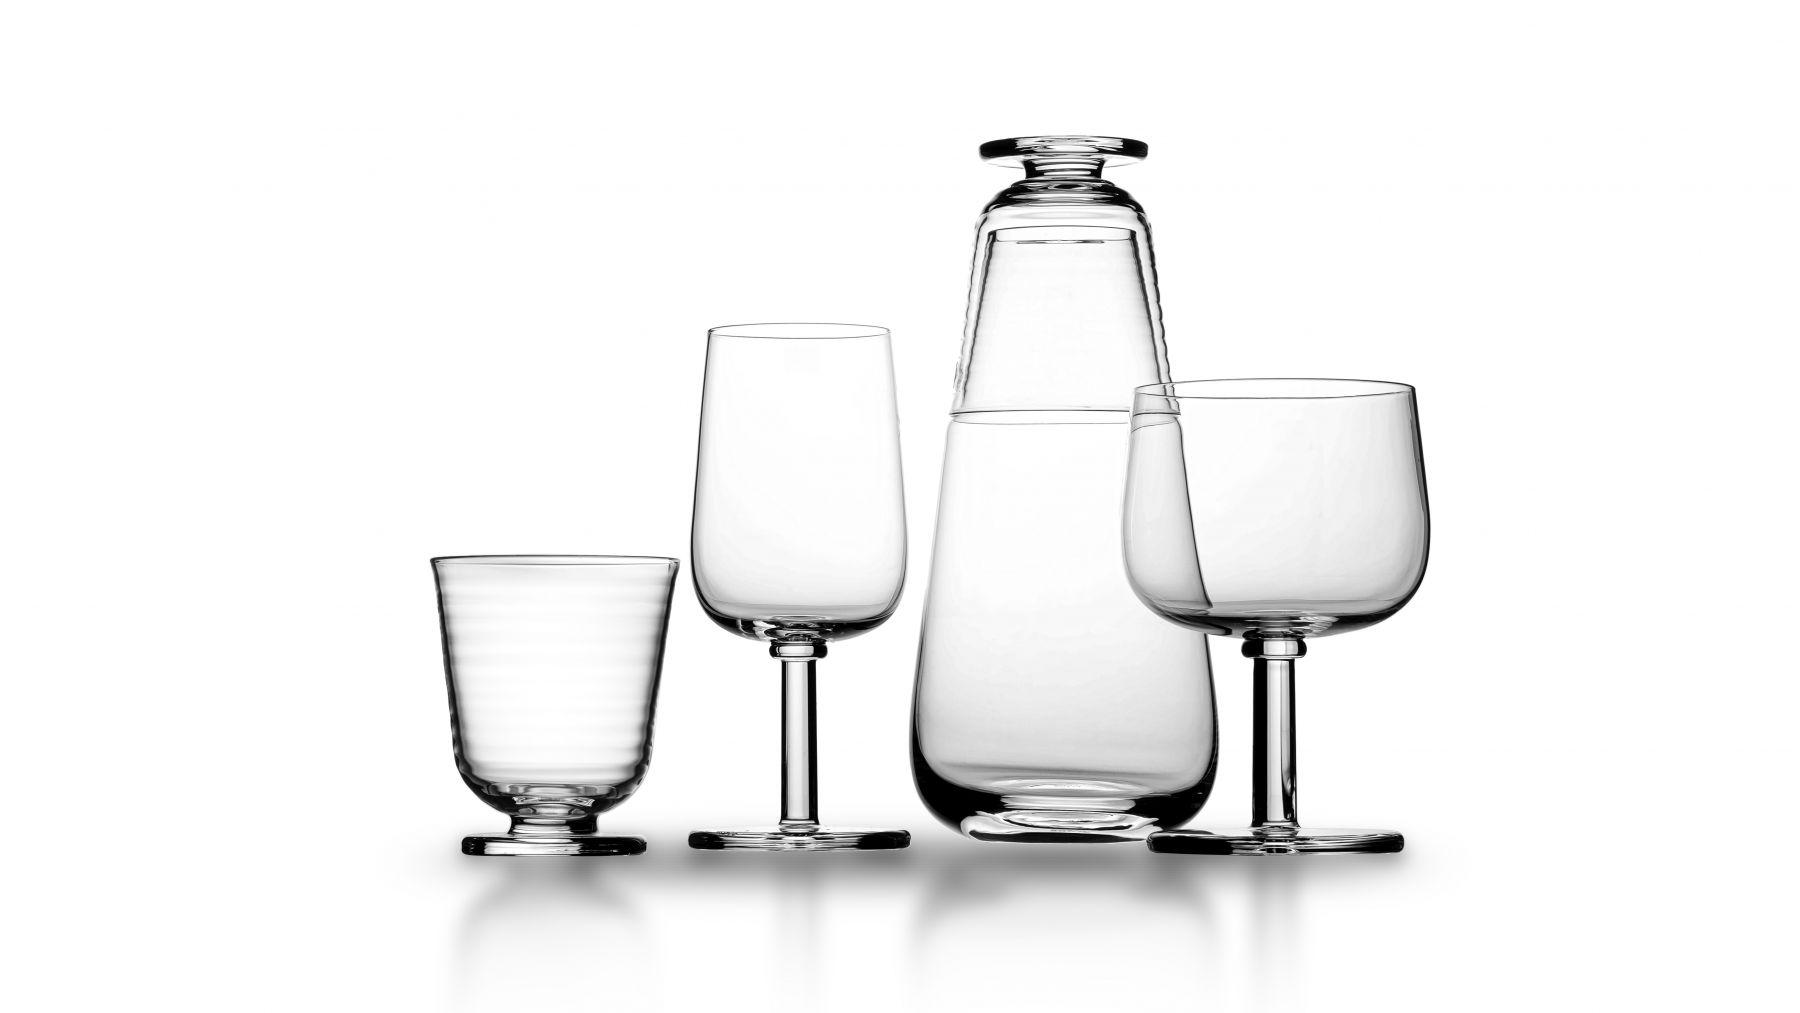 Glasserien Viva formgiven av Matti Klenell för Kosta Boda, 2020.